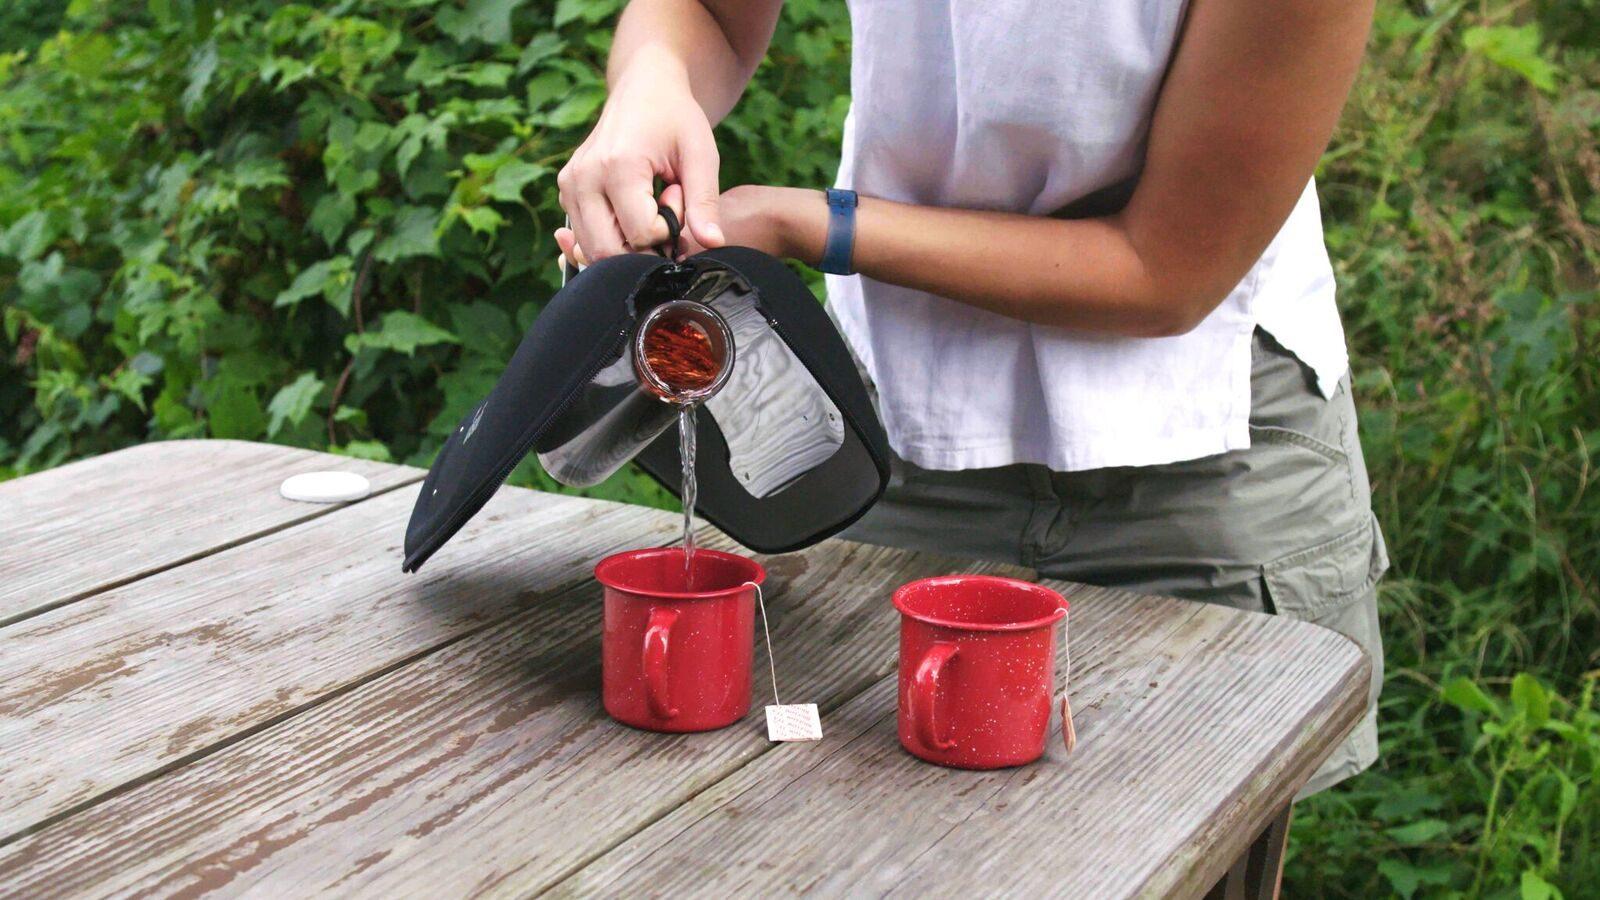 どこでも熱いコーヒーを。太陽光だけで湯を沸かす「GoSun Go」